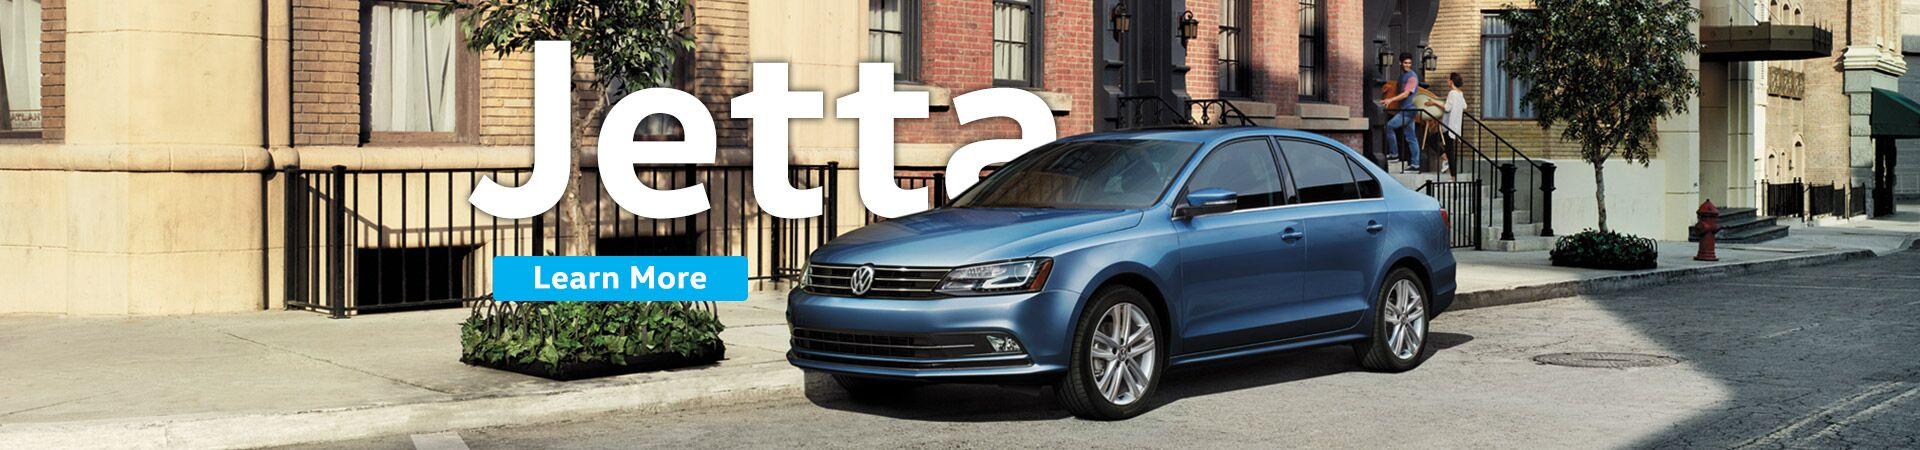 Stevens Creek Volkswagen Dealership Serving San Jose